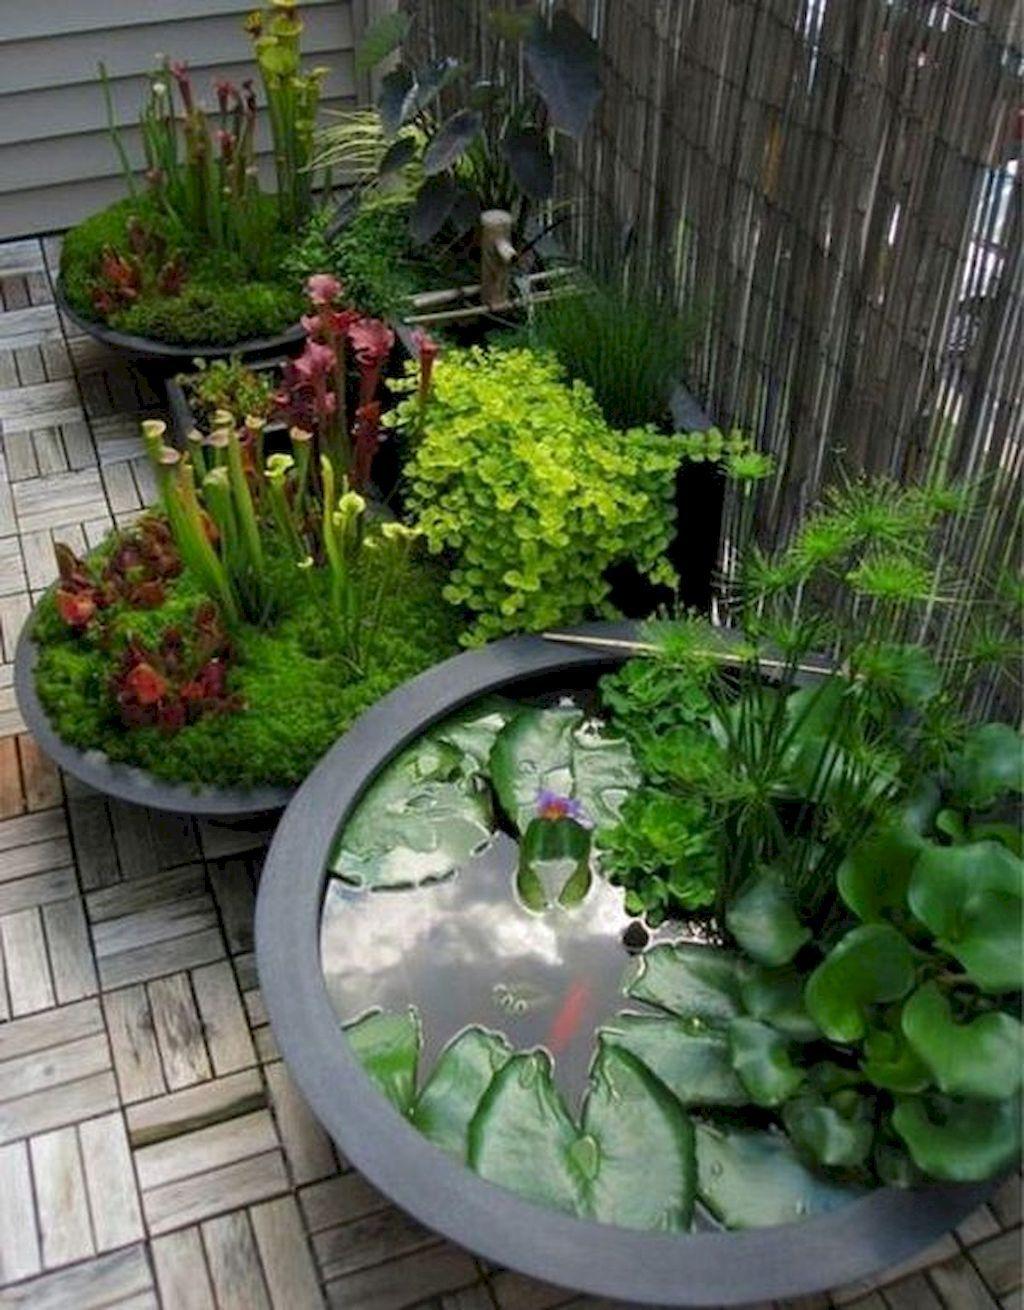 Adorable 85 Awesome Backyard Ponds And Water Garden Landscaping Ideas Https Homespecially Com 85 A Backyard Landscaping Designs Small Gardens Japanese Garden Backyard zen garden pond